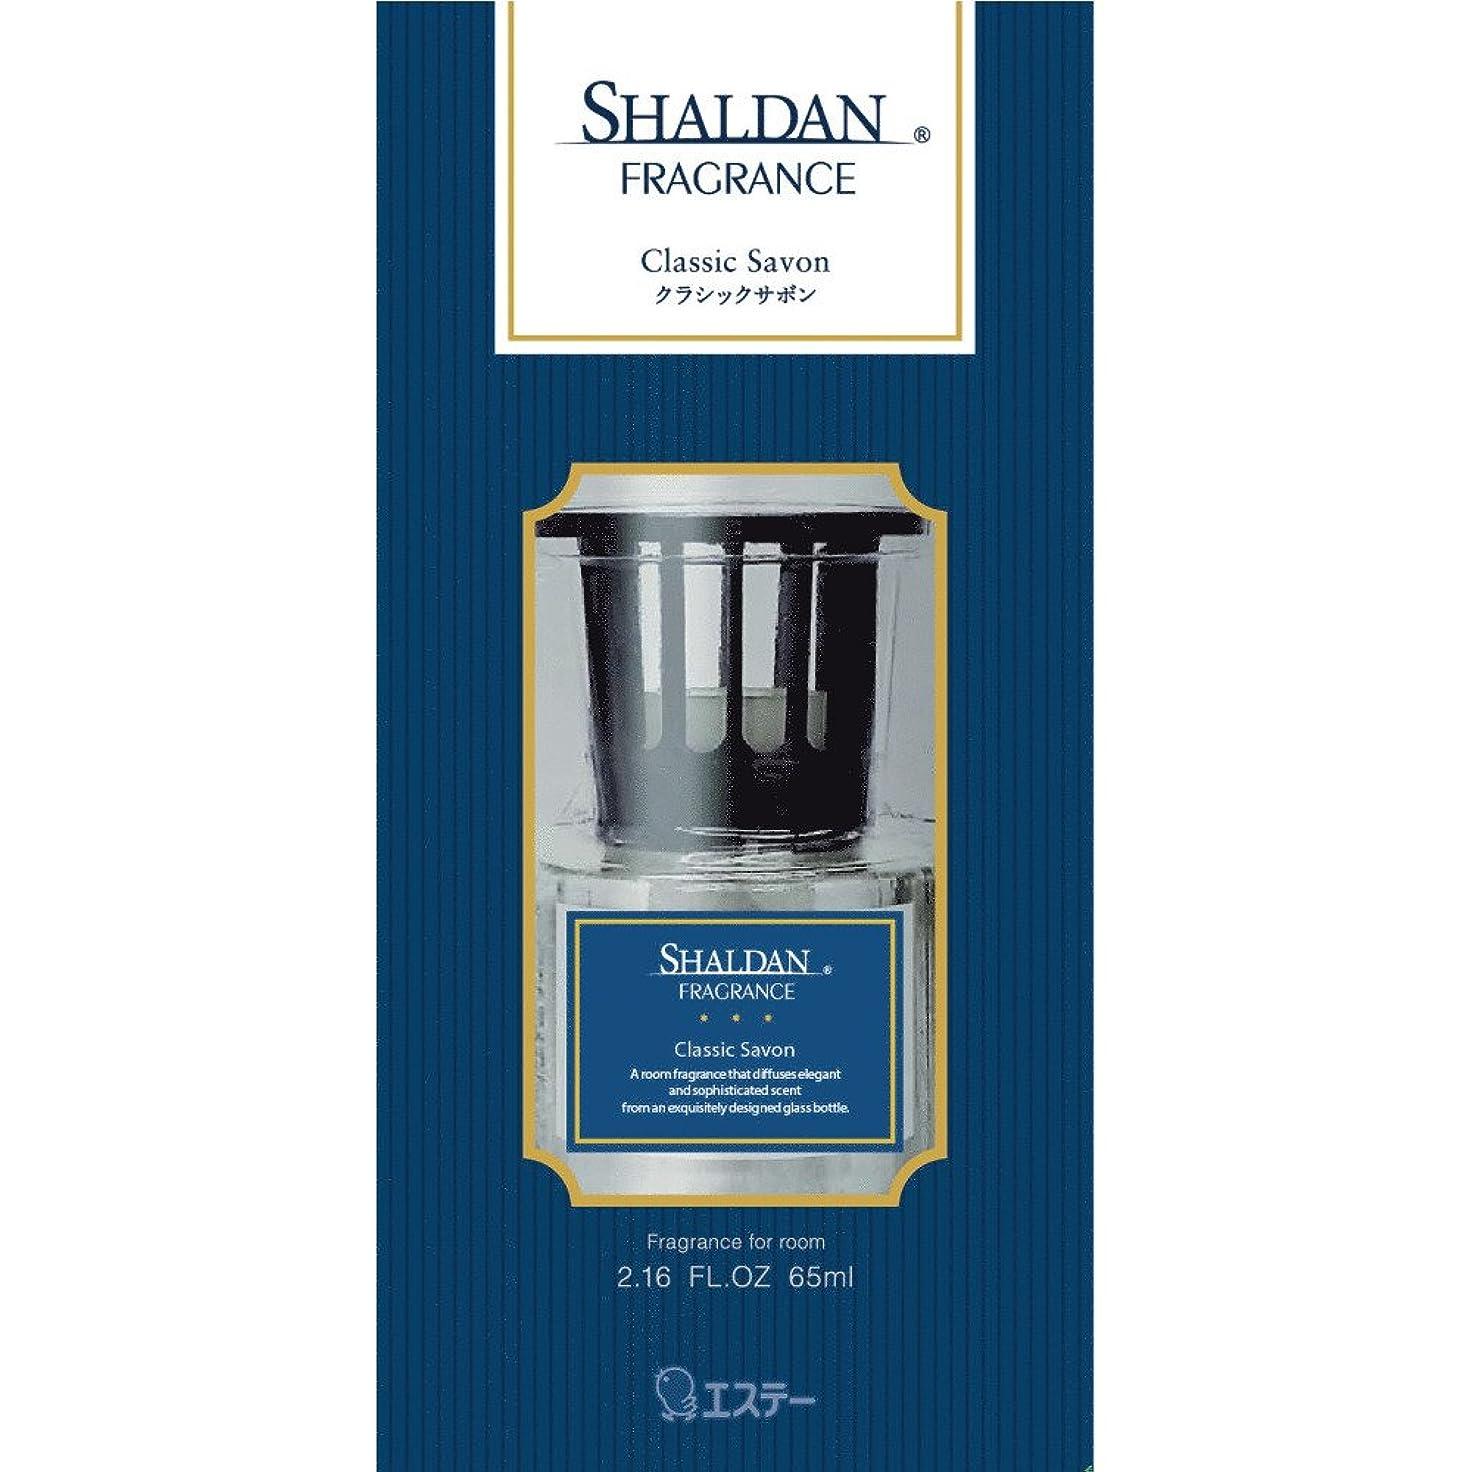 複合特徴確保するシャルダン SHALDAN フレグランス 消臭芳香剤 部屋用 本体 クラシックサボン 65ml